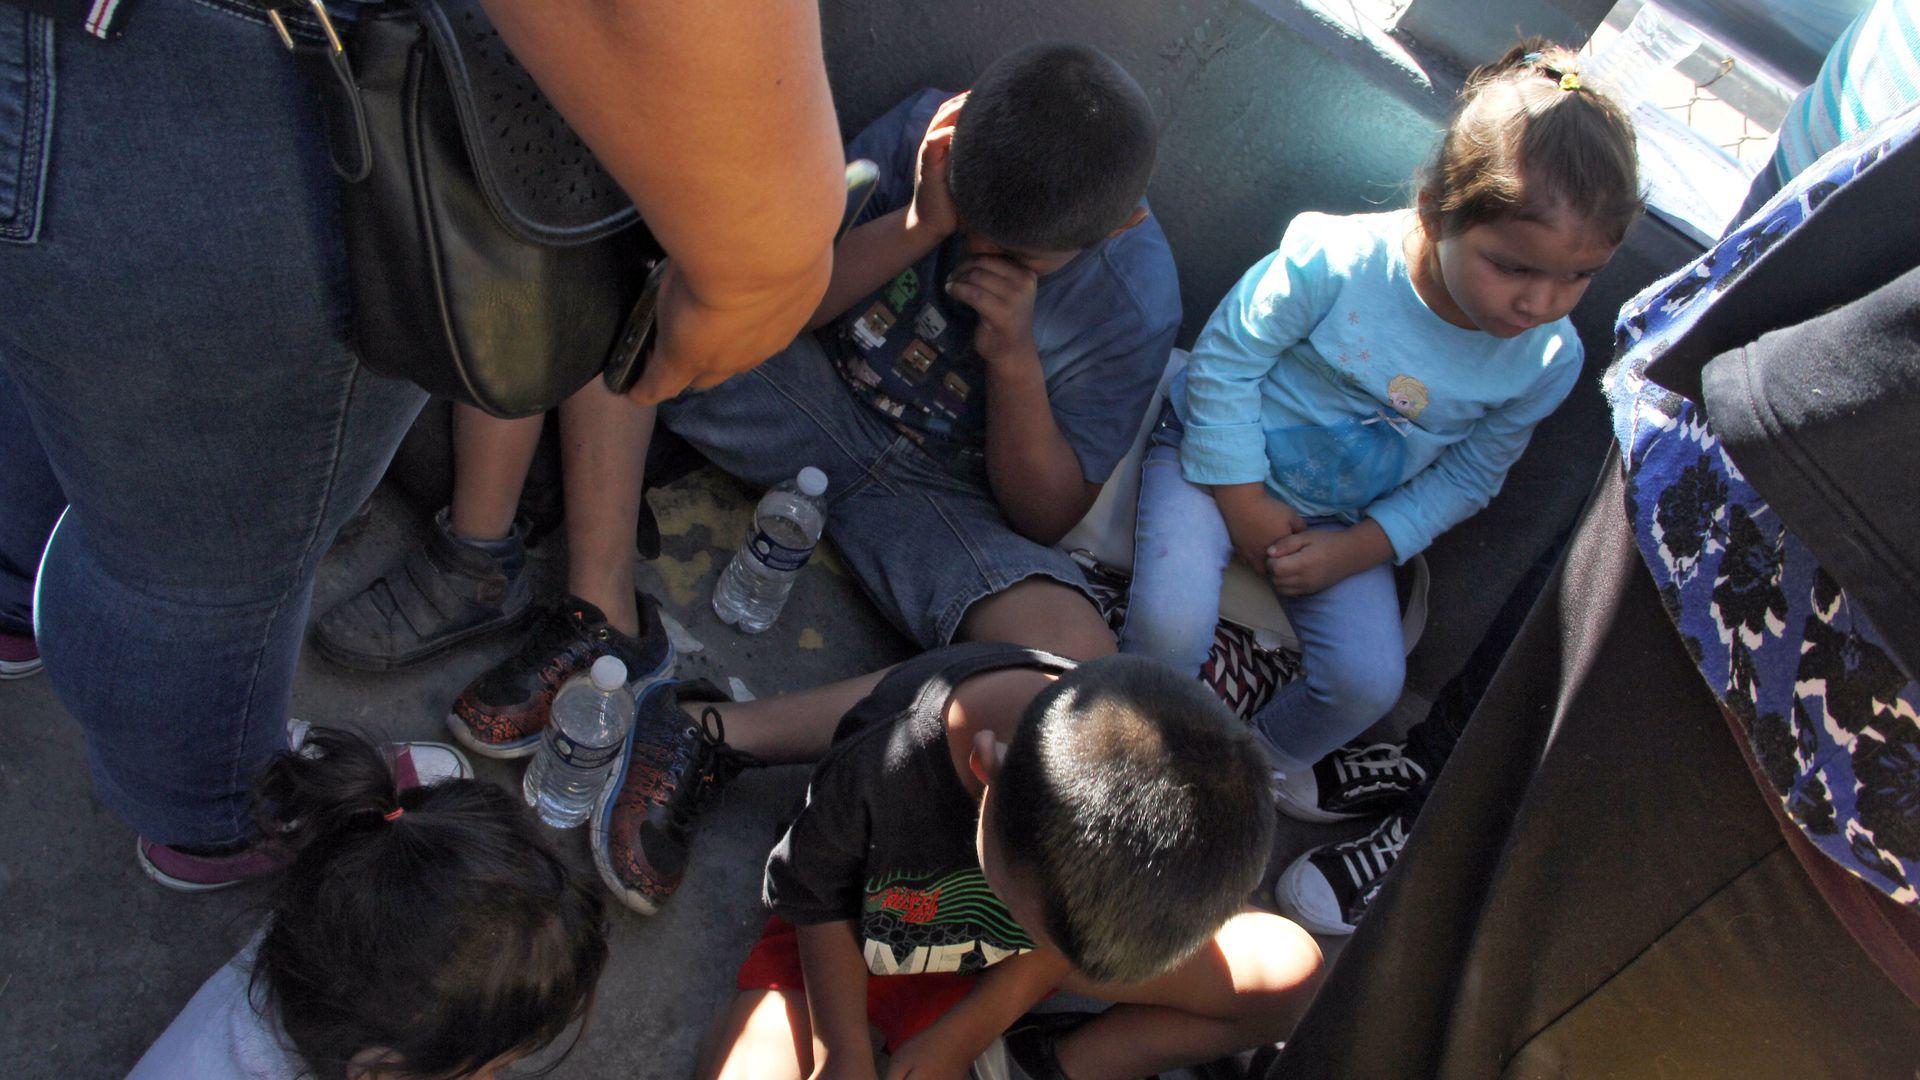 Children detained st the border